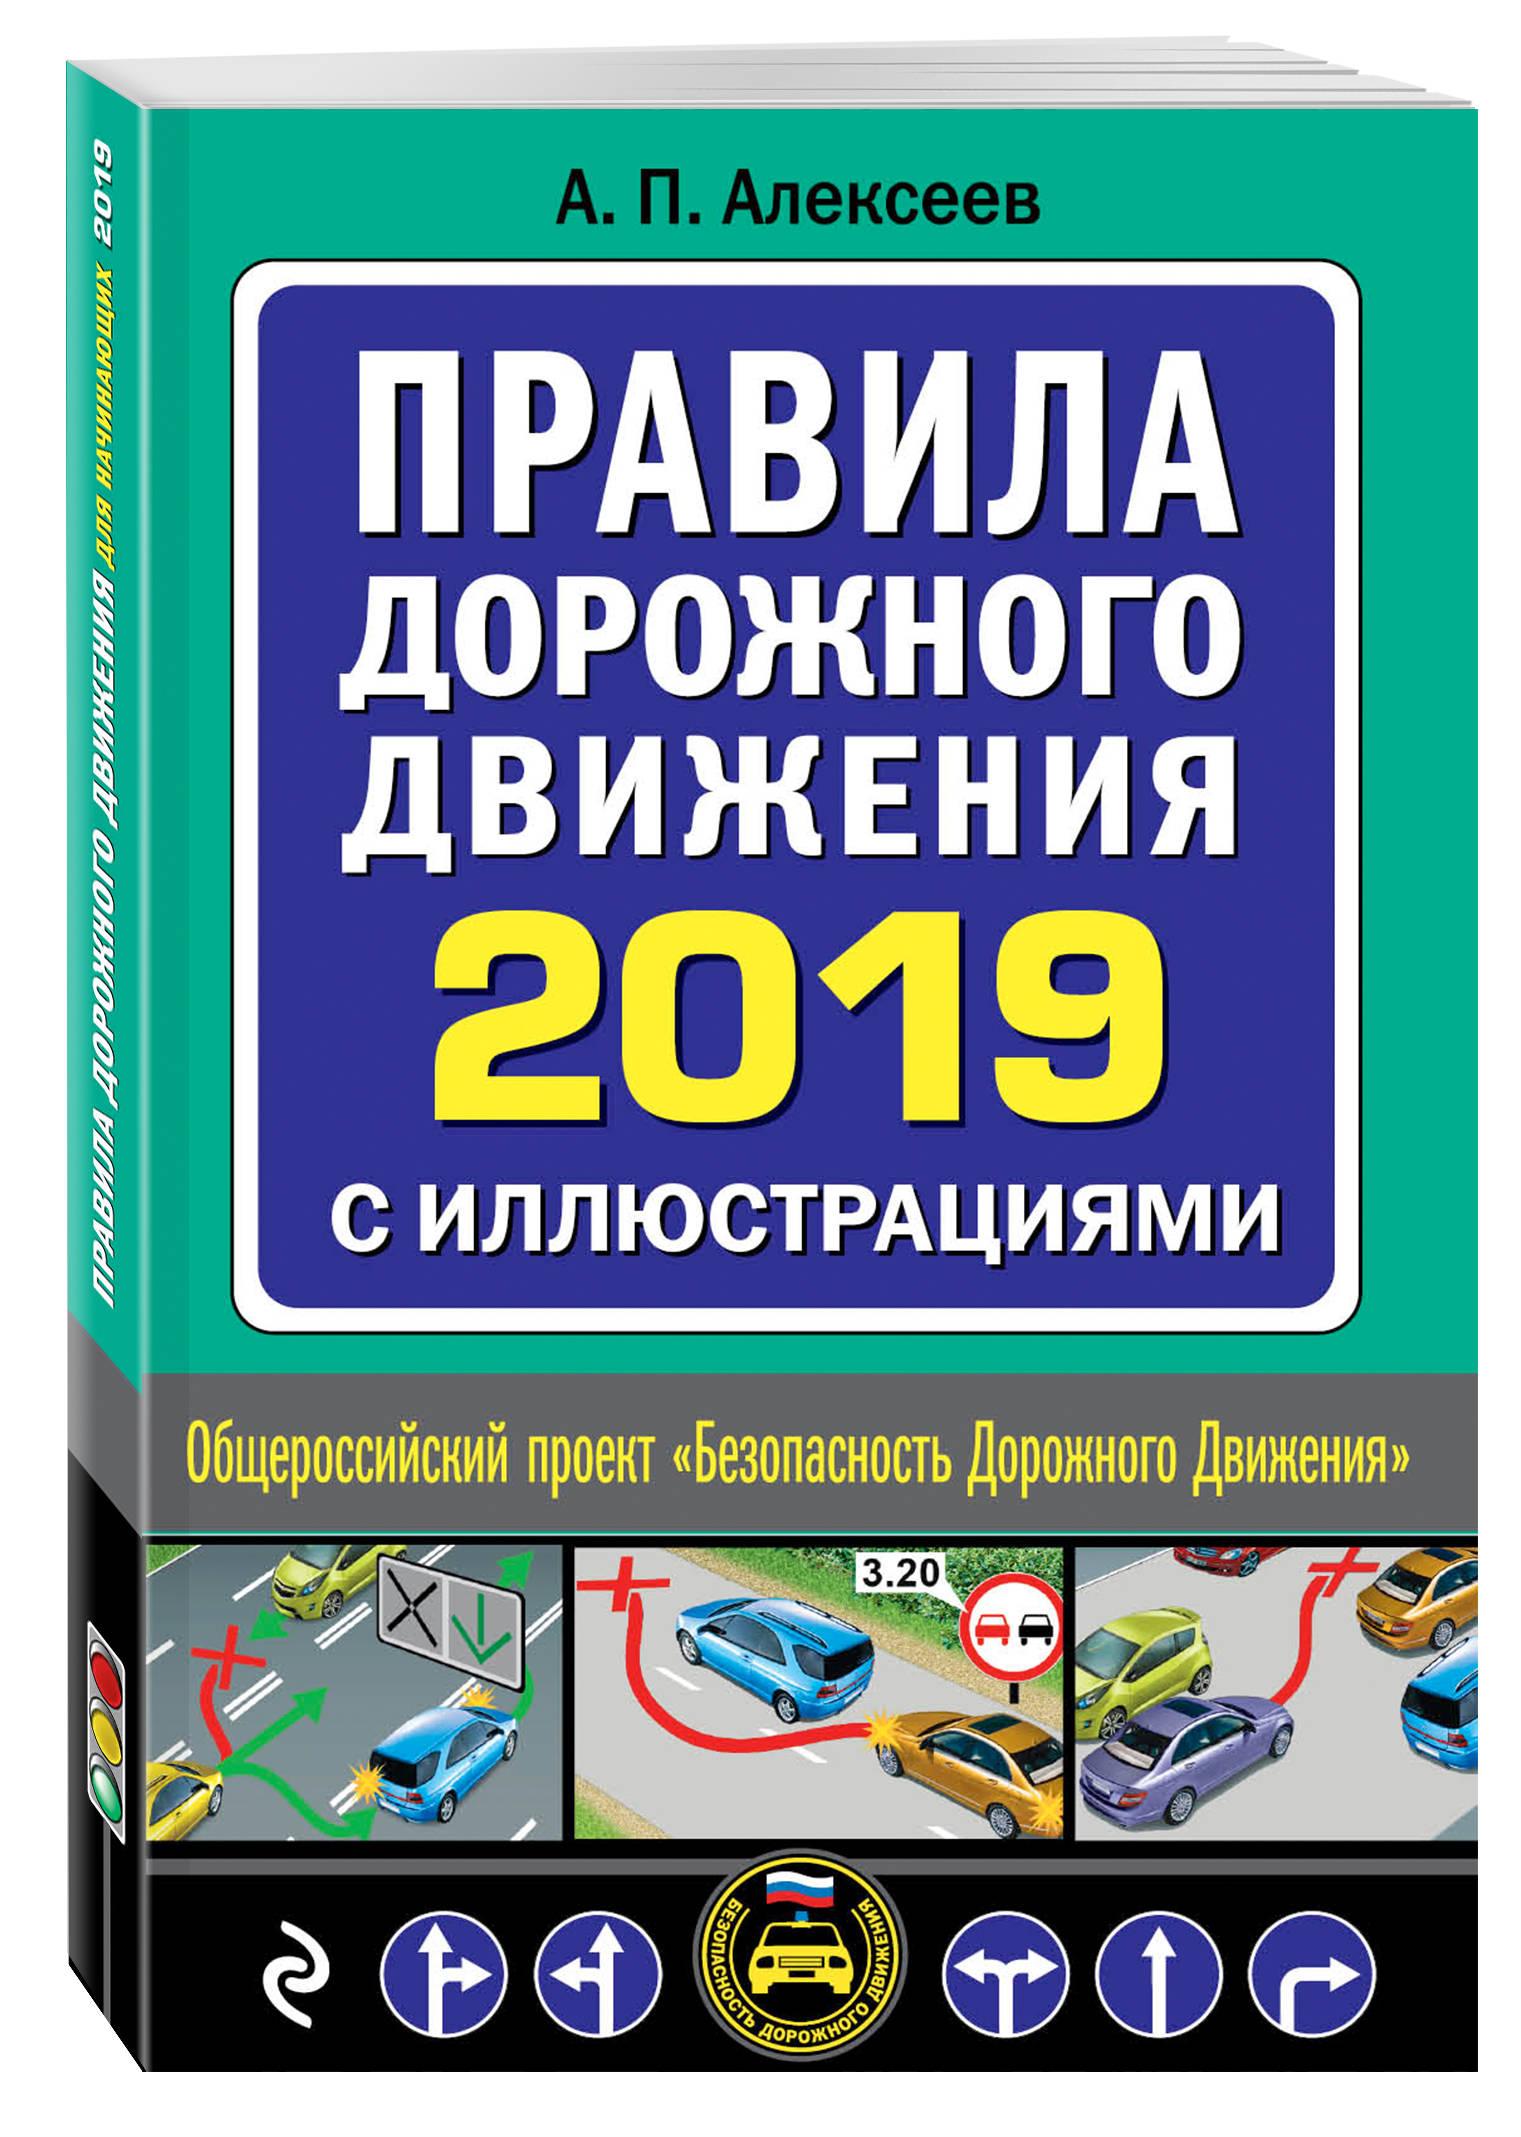 Николай Жульнев Правила дорожного движения для начинающих с изм. на 2019 год